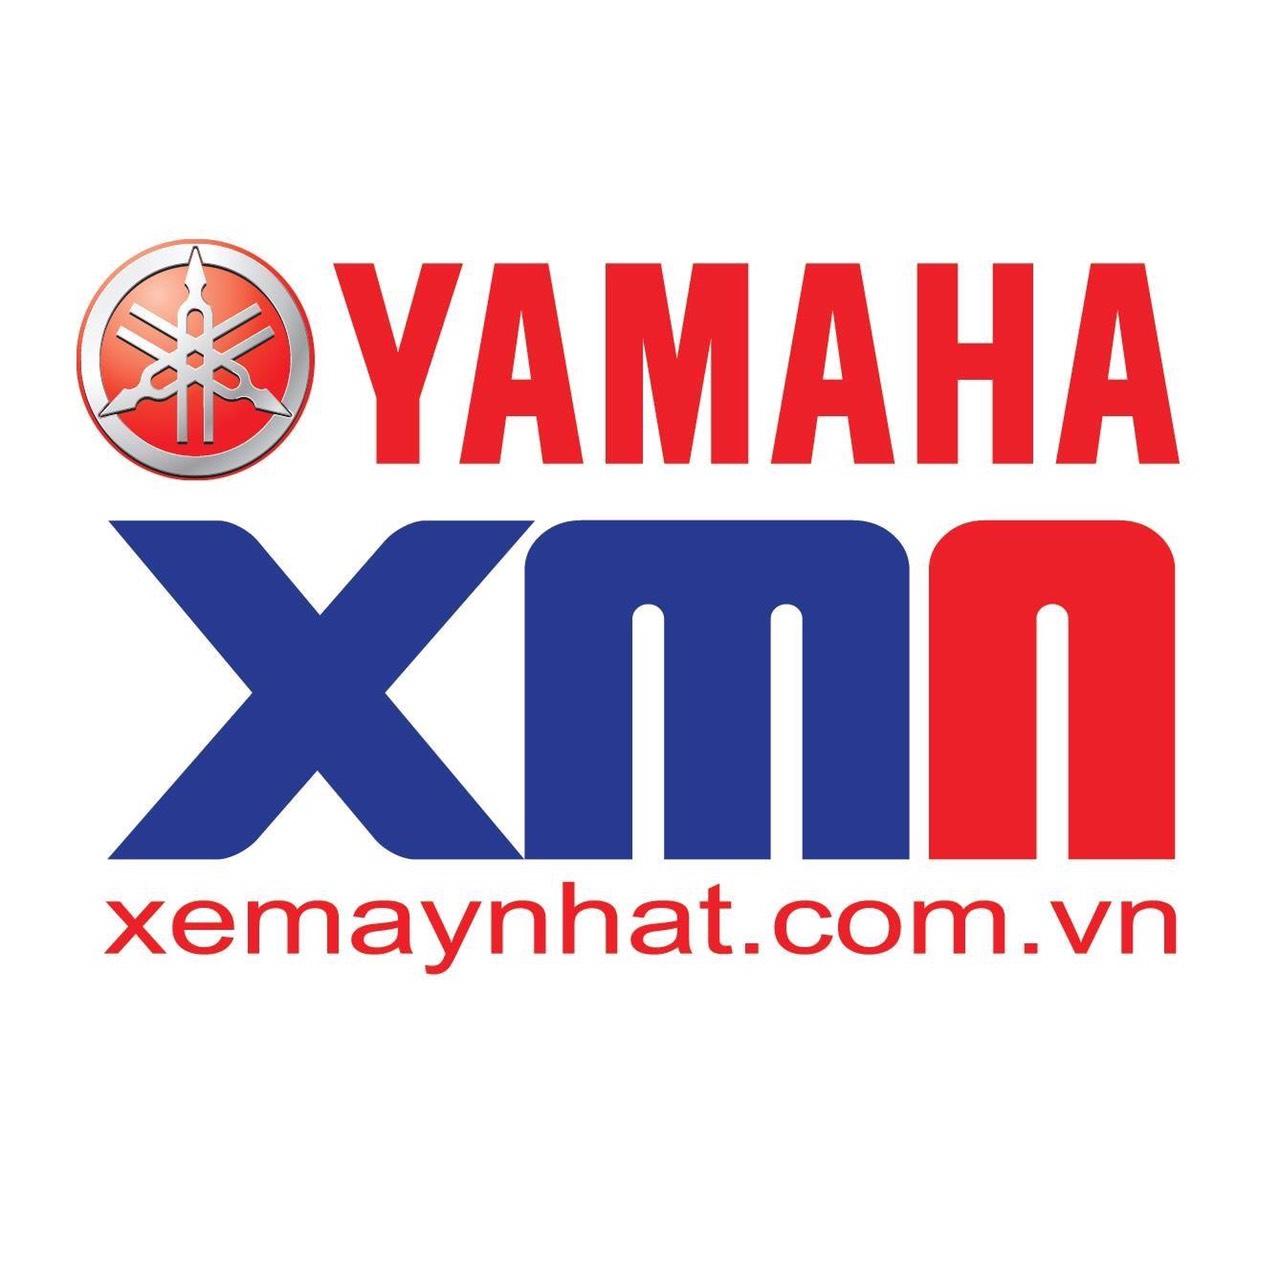 Hệ Thống Yamaha Xe Máy Nhật